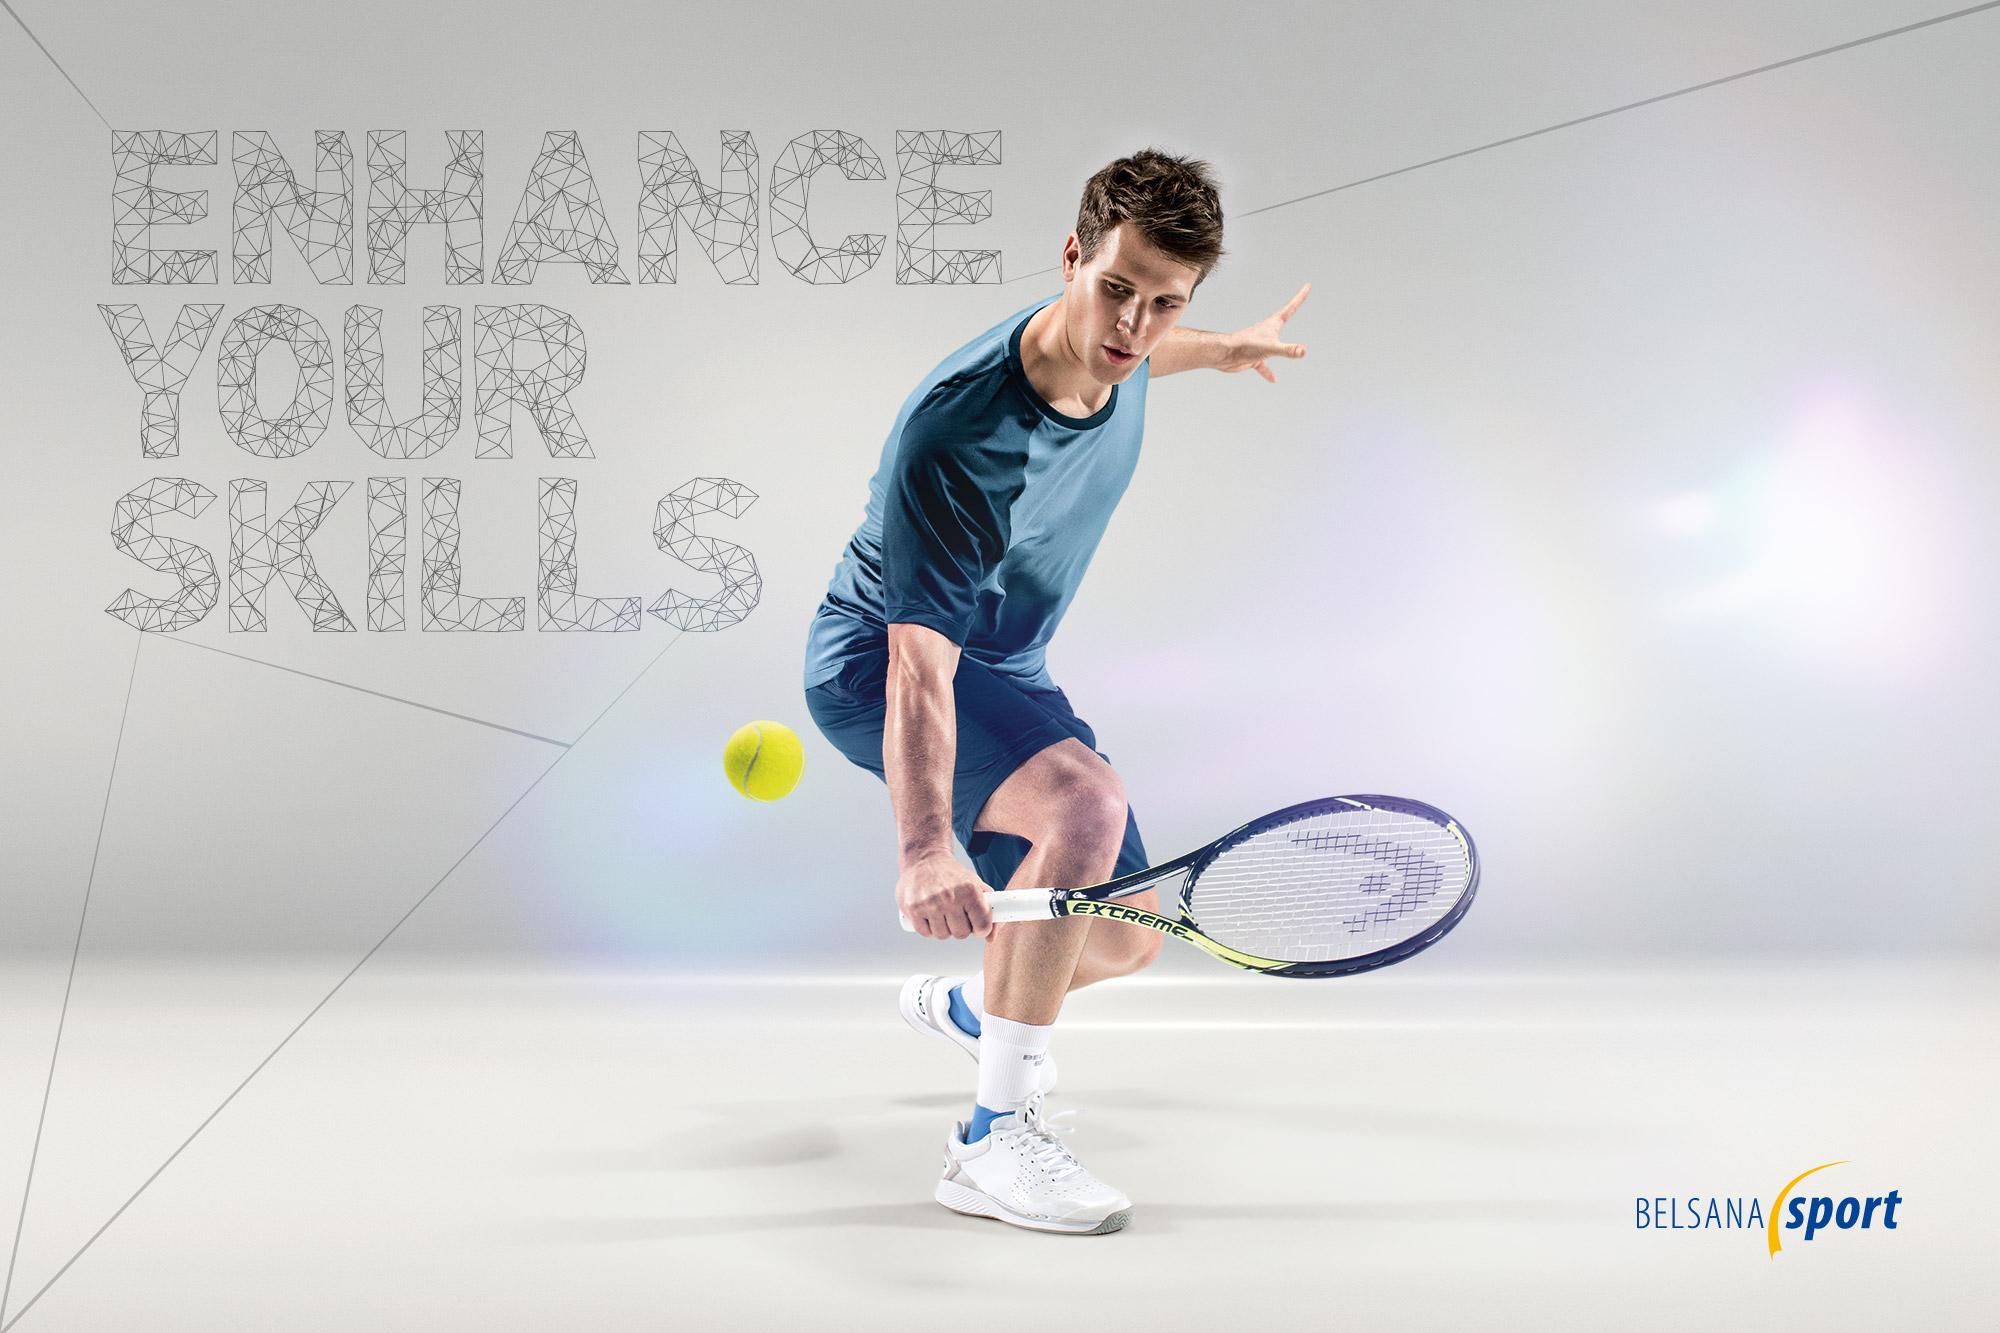 Tennis_Einzeln_SockeWeissProLOOK